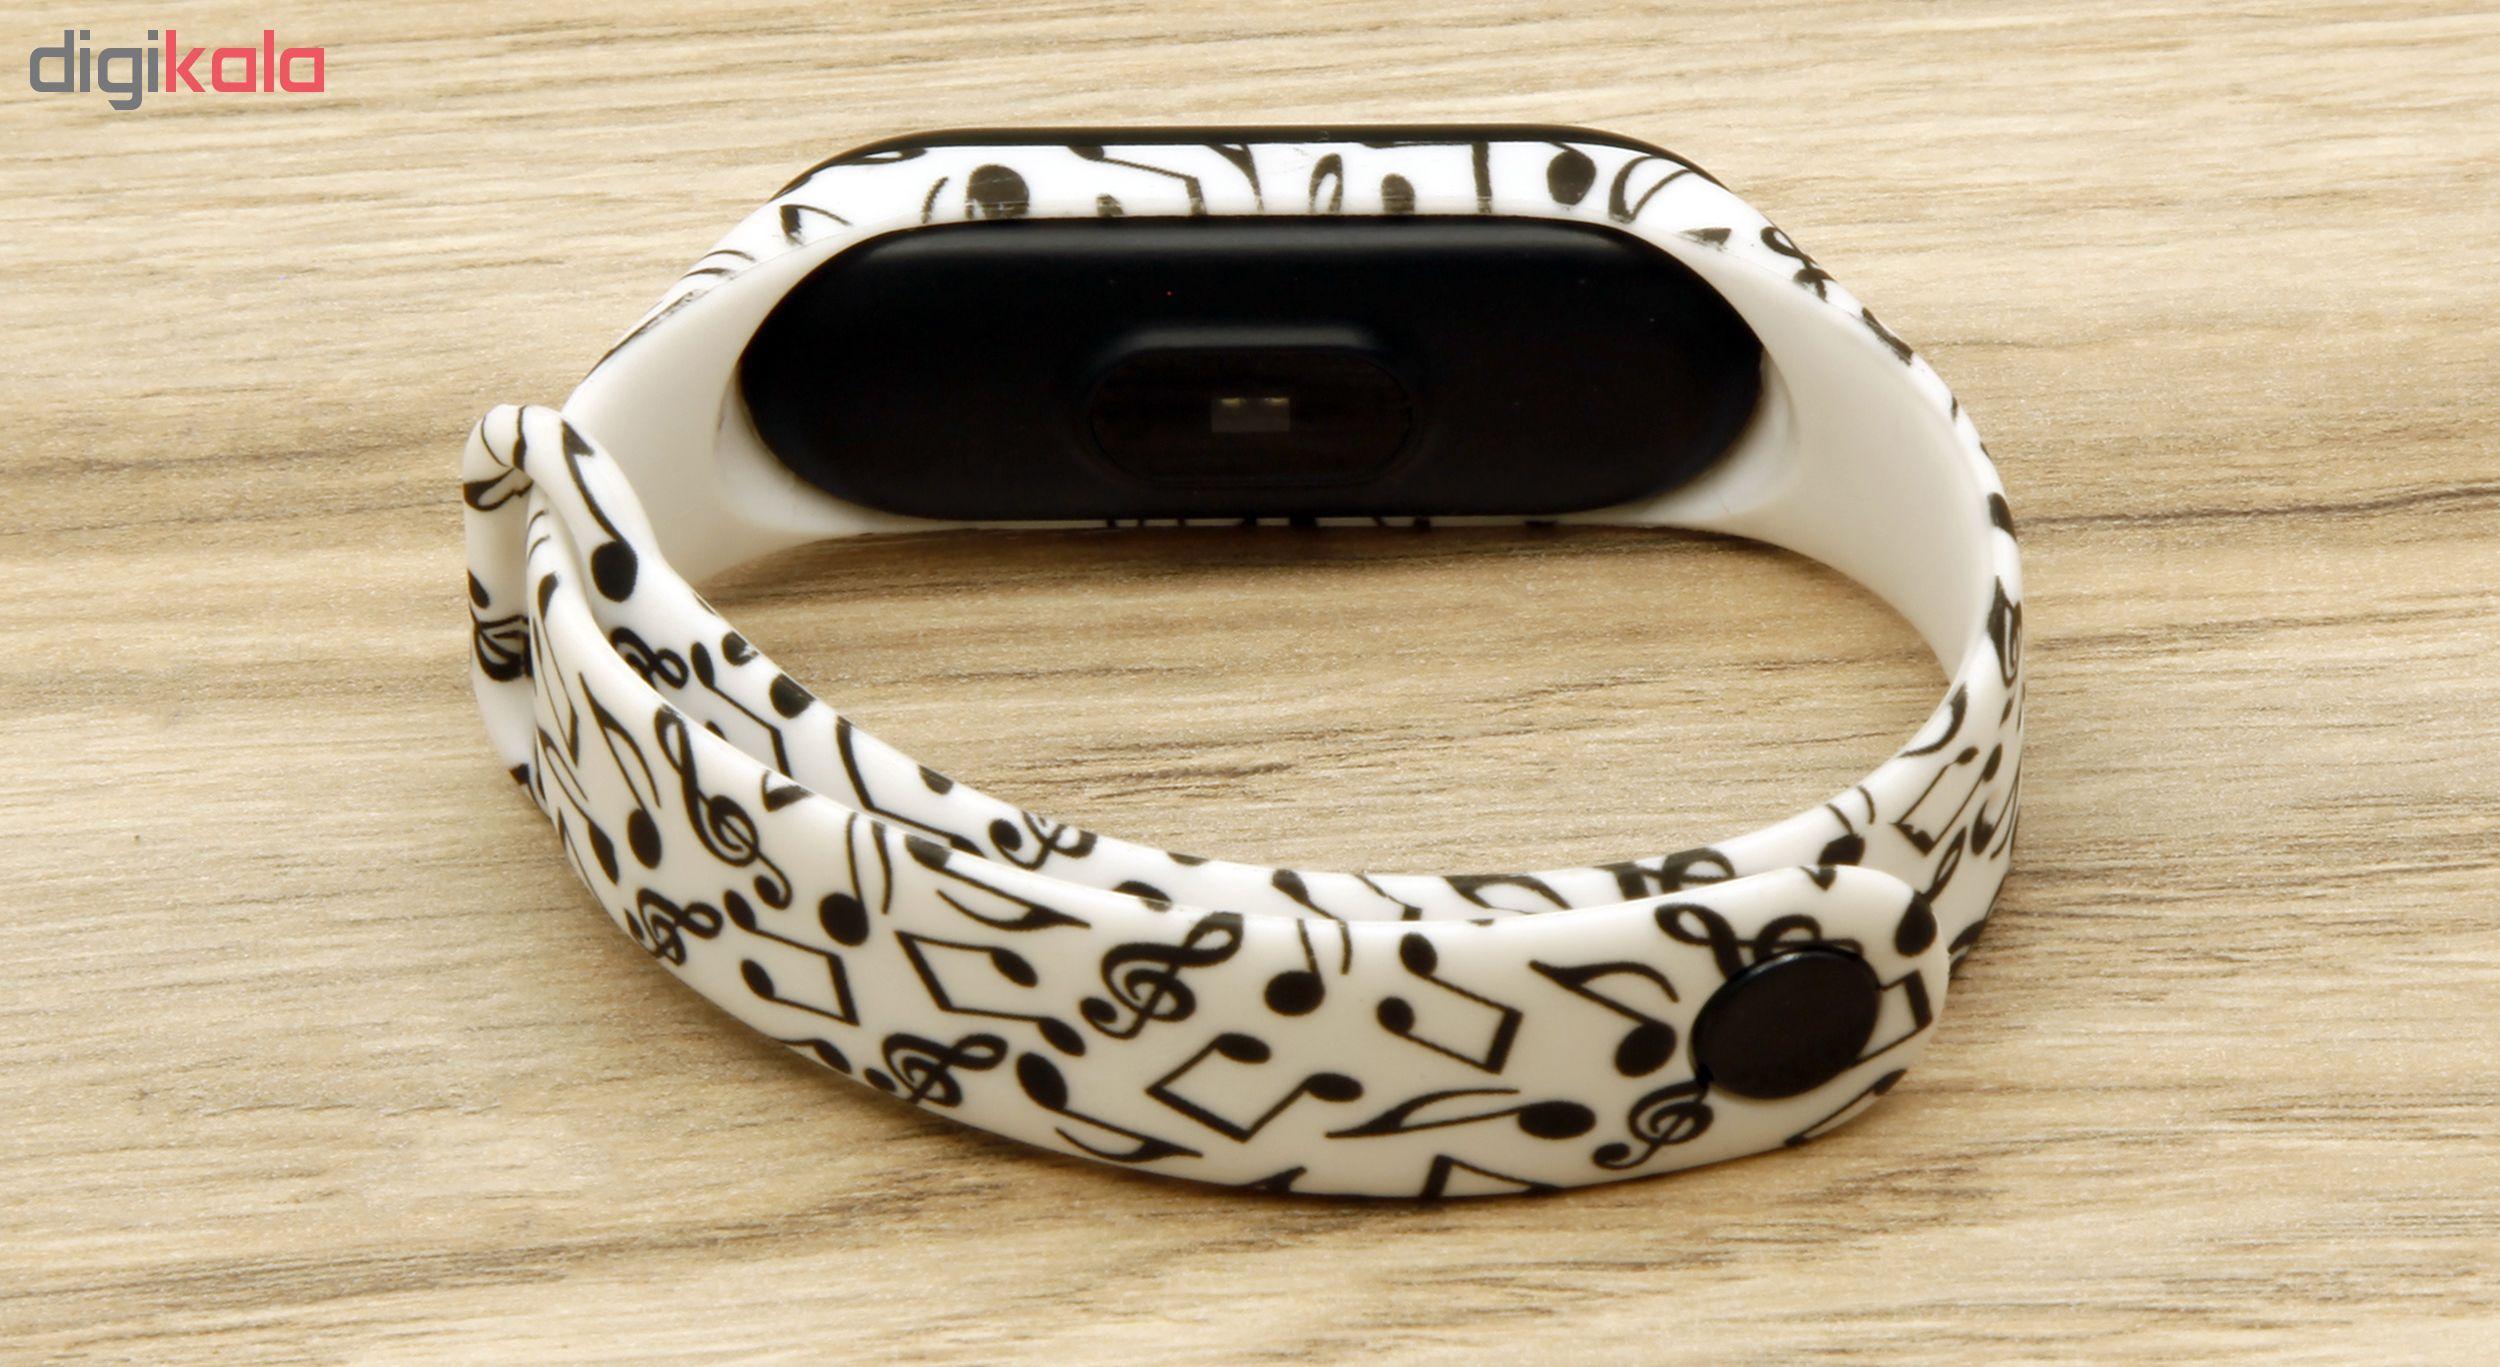 بند مچ بند هوشمند سومگ مدل SMG-13 مناسب برای مچ بند هوشمند شیائومی Mi Band 3 و M3 main 1 5